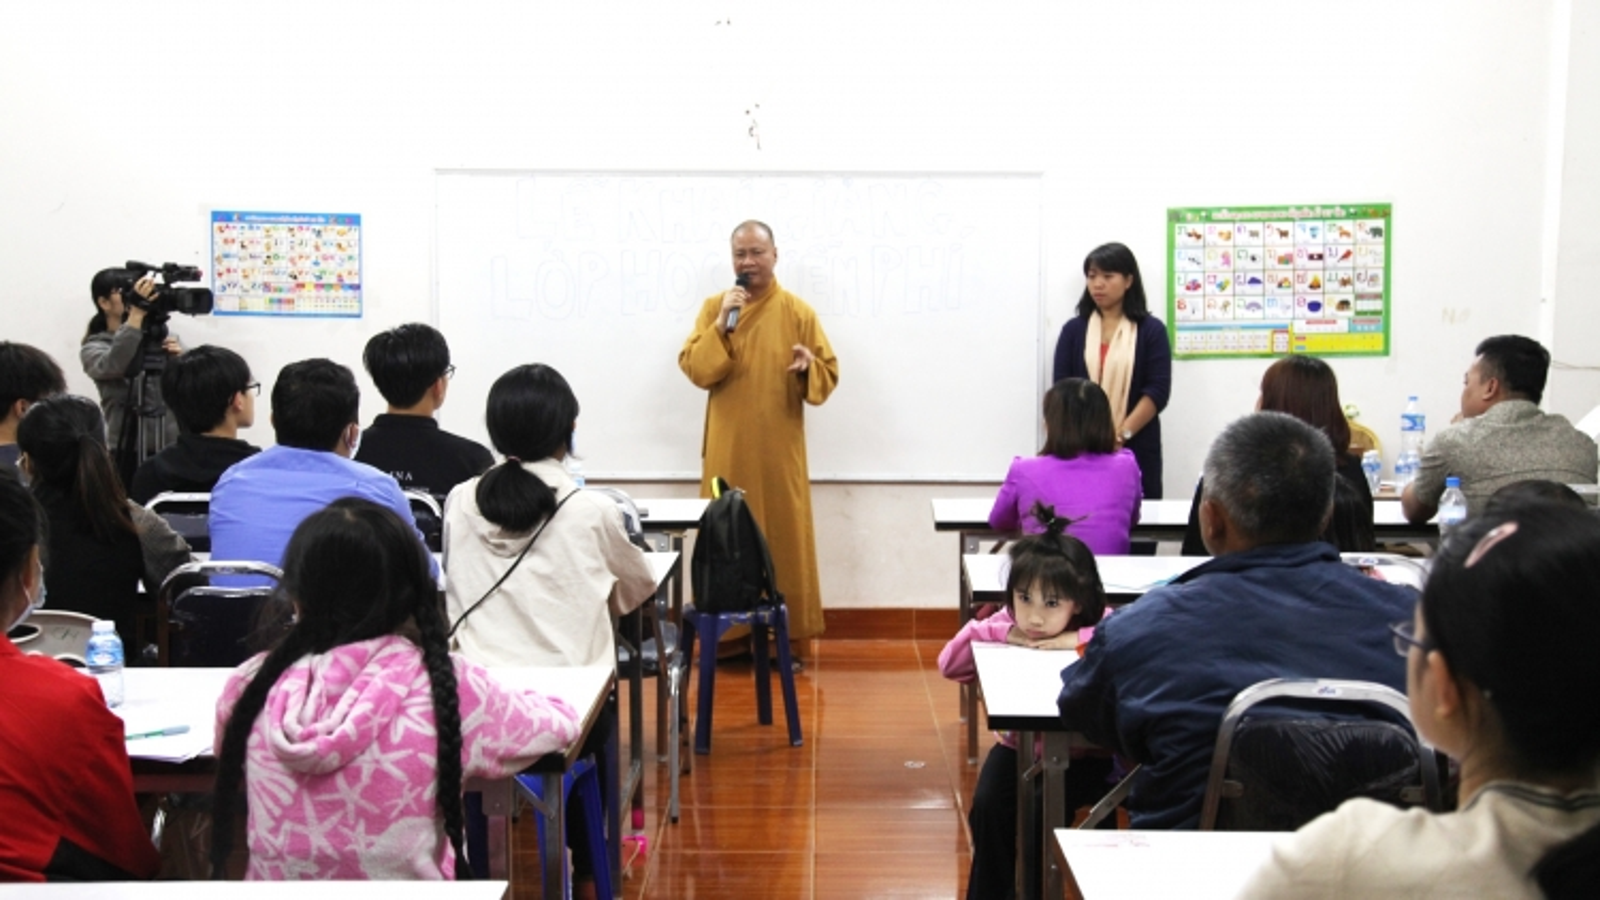 Chùa Phật Tích tại Lào mở khóa học ngôn ngữ miễn phí cho người Việt